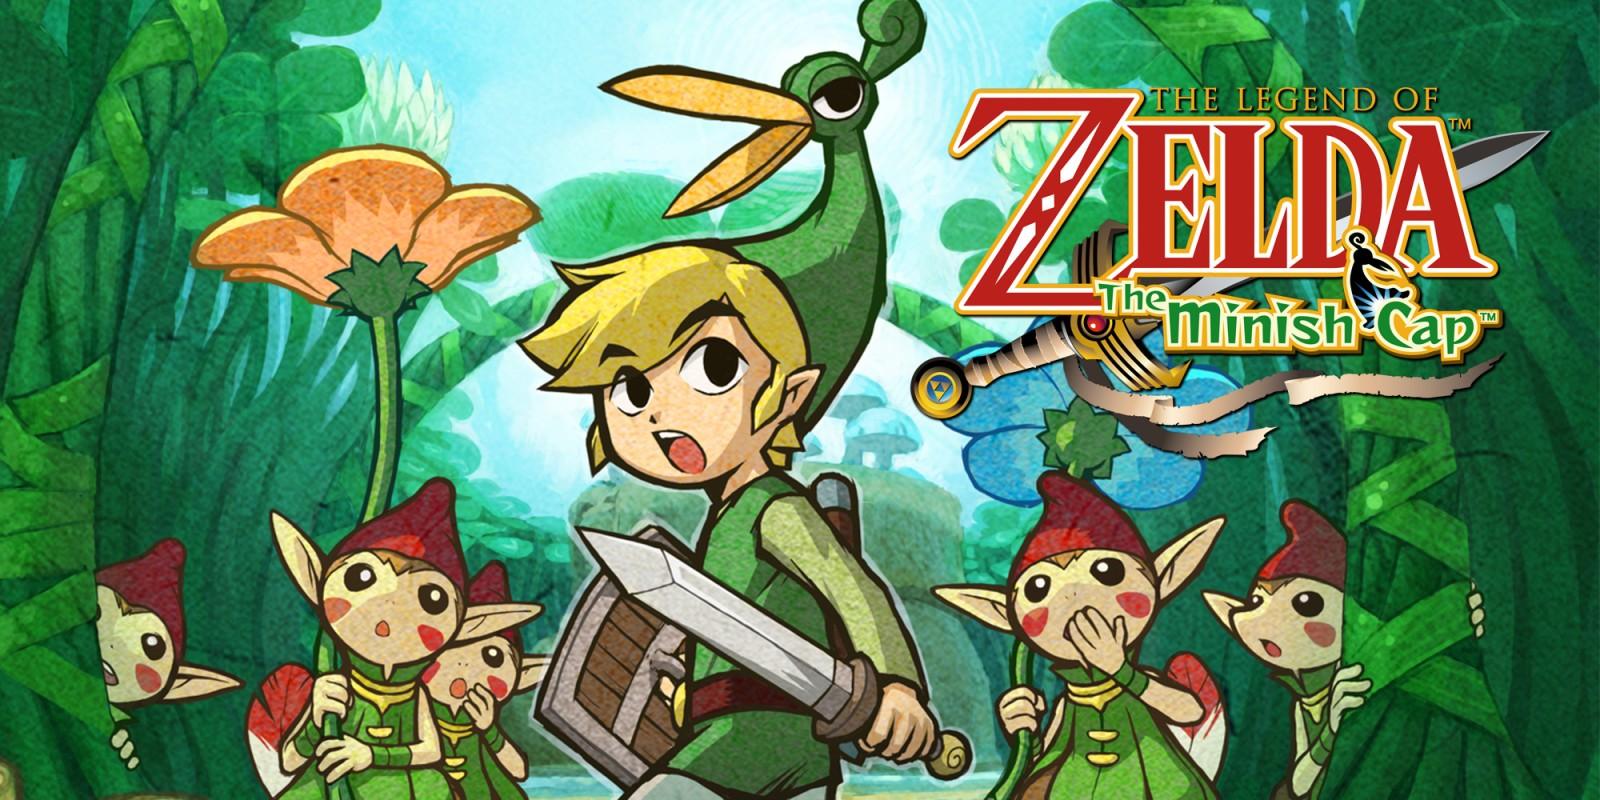 TOP 16 The Legend of Zelda favoritos